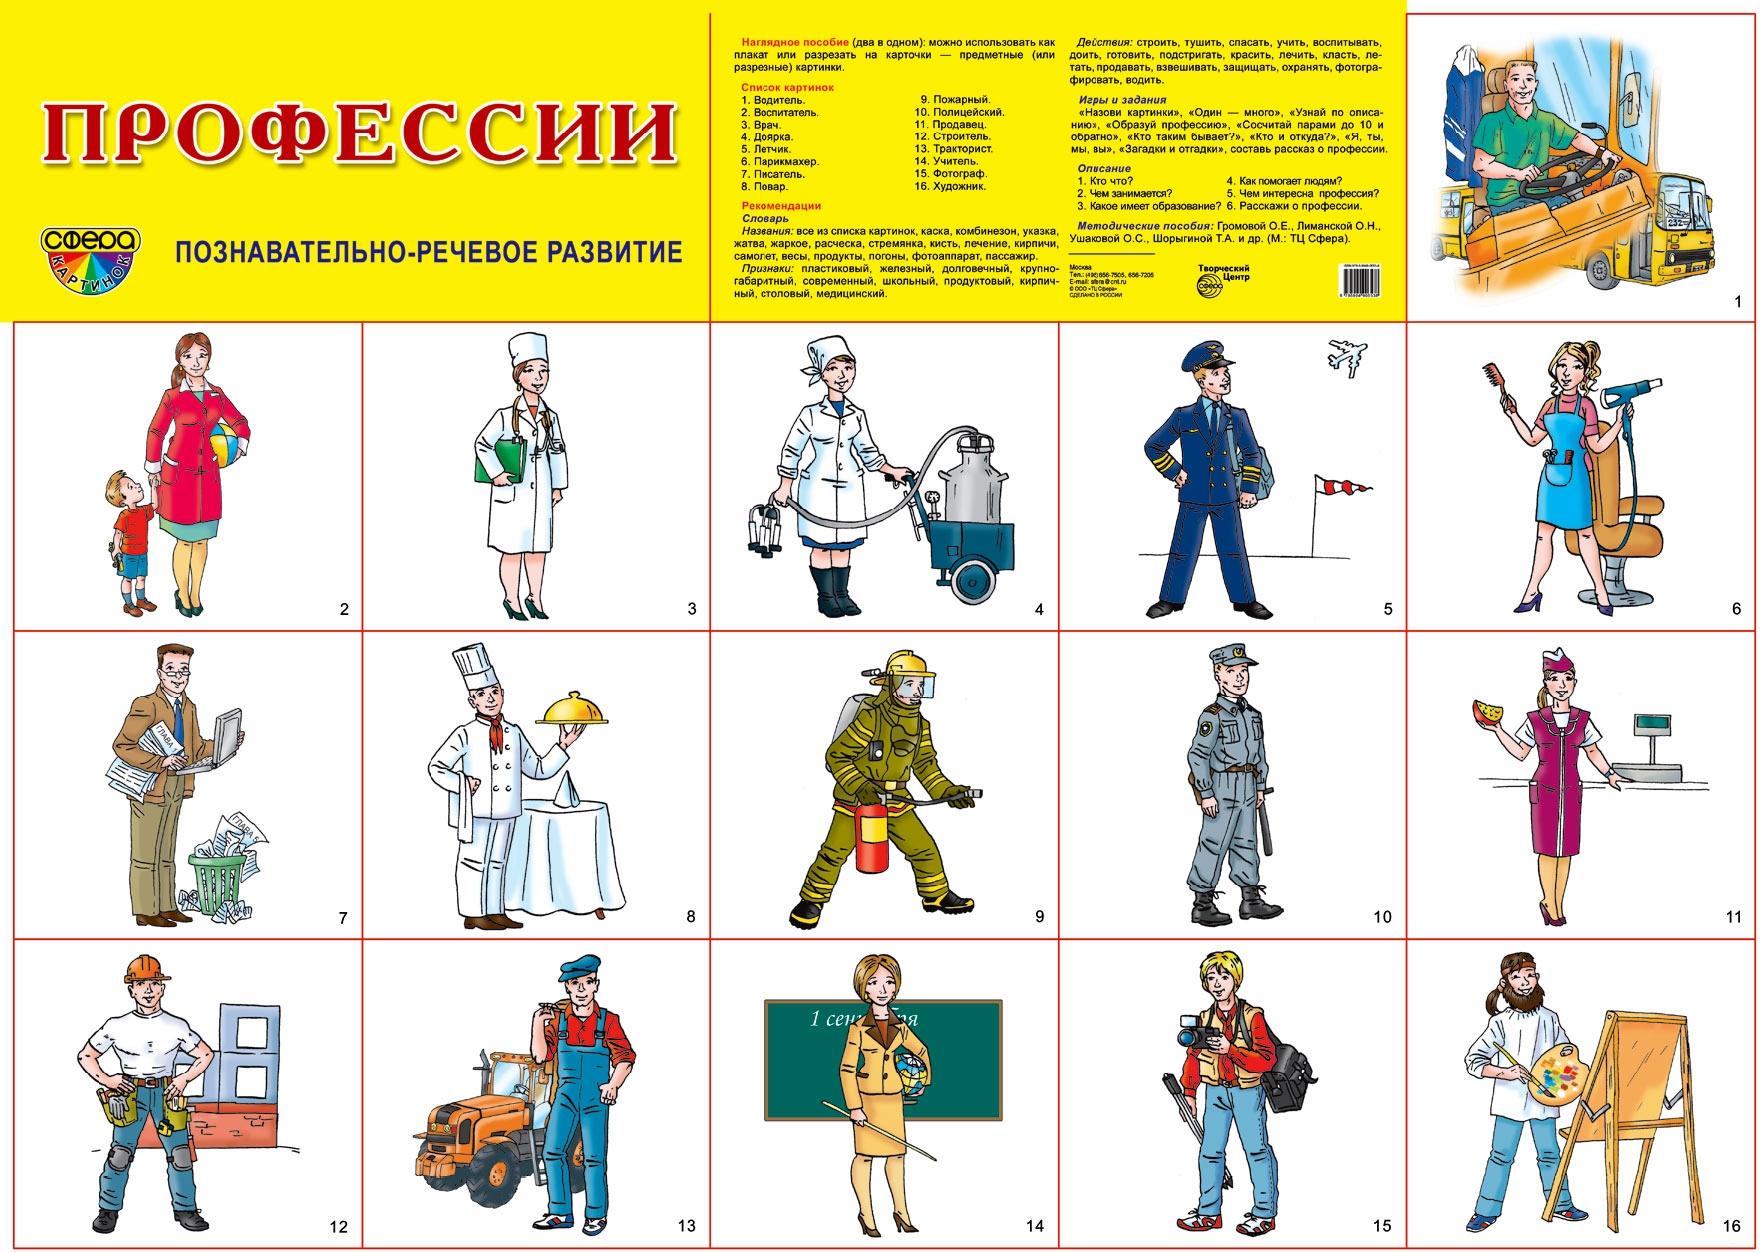 Картинки по теме профессия для детского сада